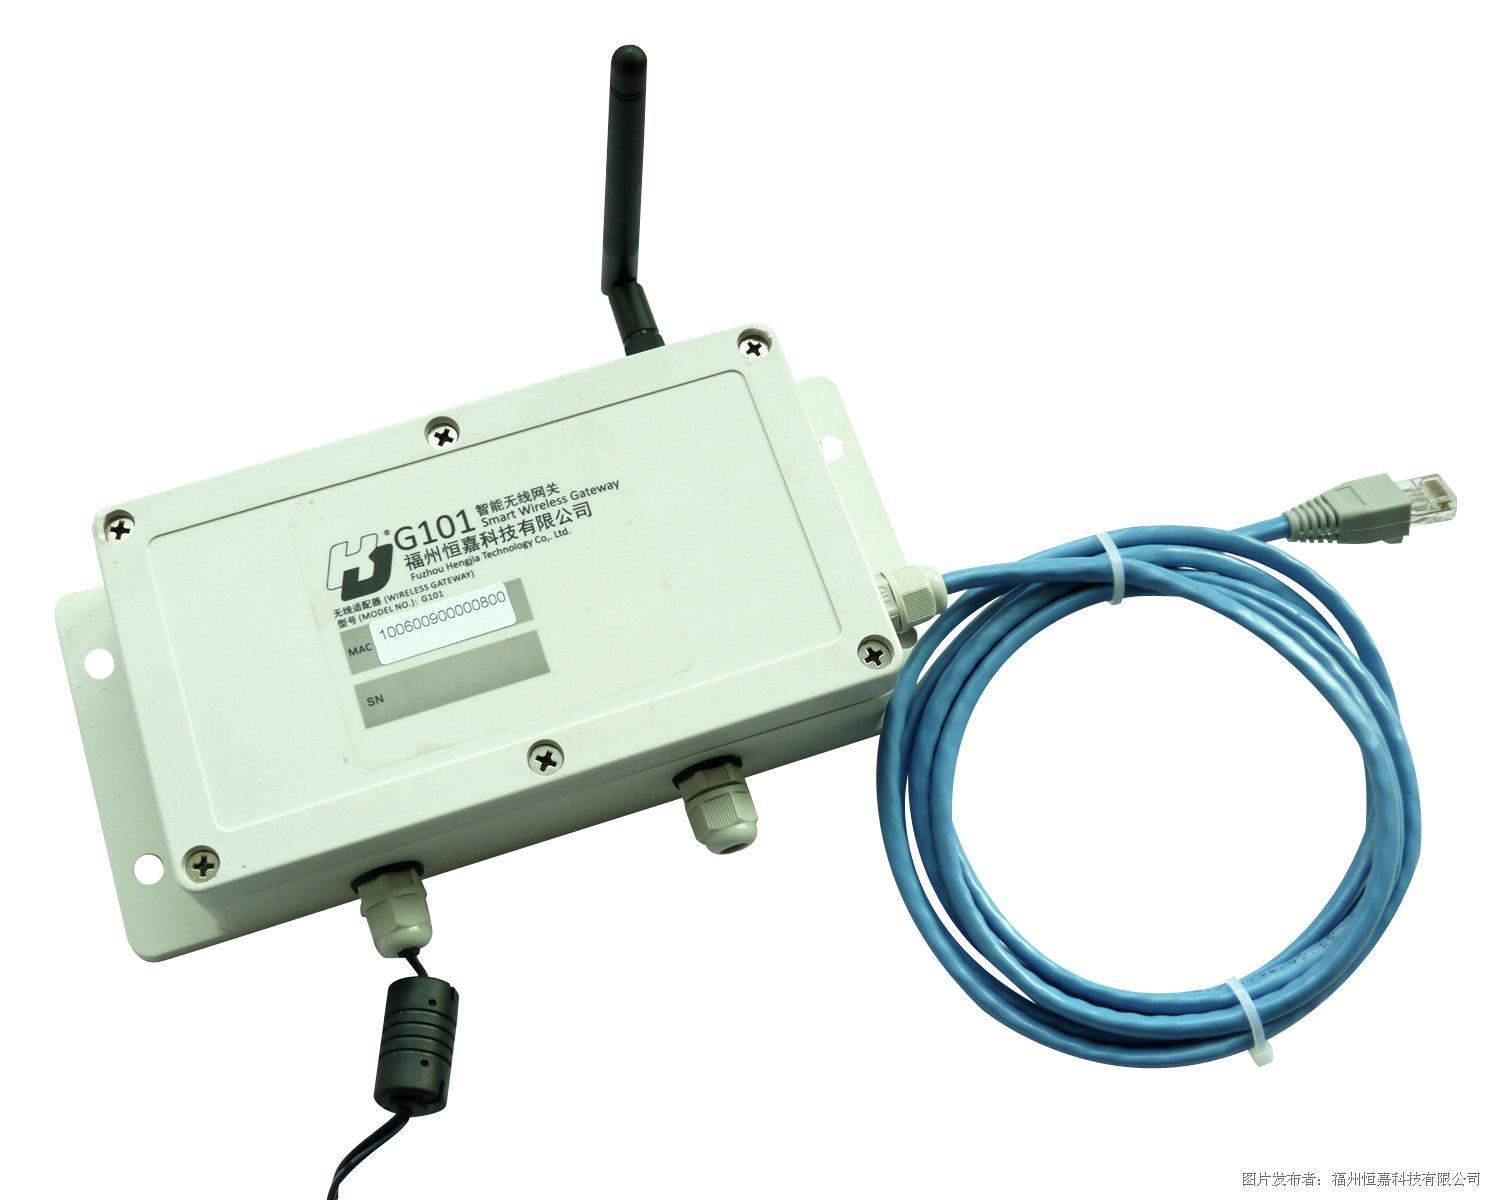 恒嘉科技 G101NEx系列无线NMS网关